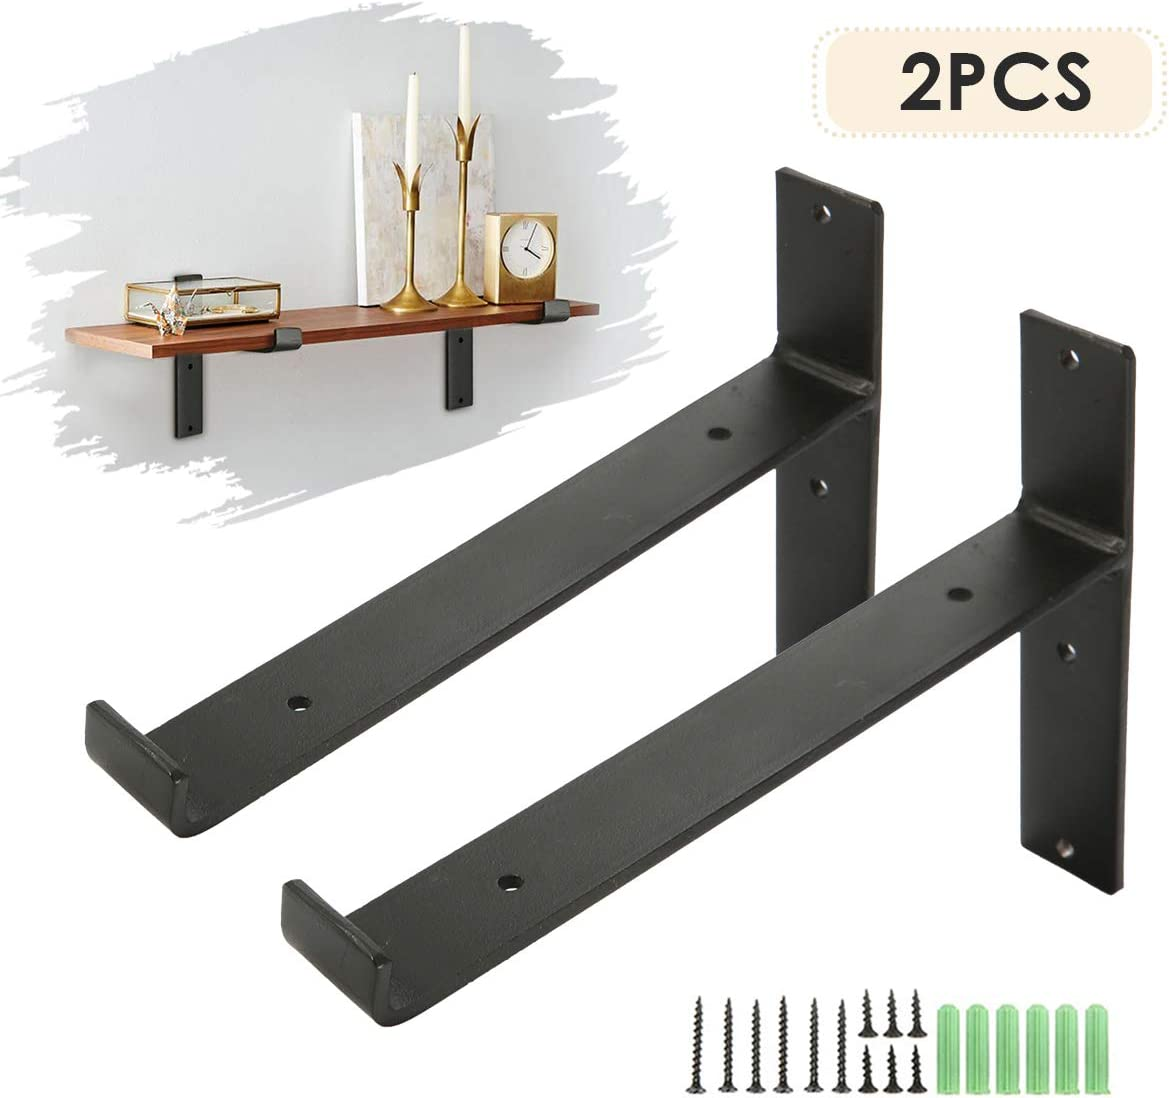 king do way Soportes de Metal, Soporte de la Pared Industrial para Estante Flotante Baldas Flotantes Negro 2 pz (T LIP)